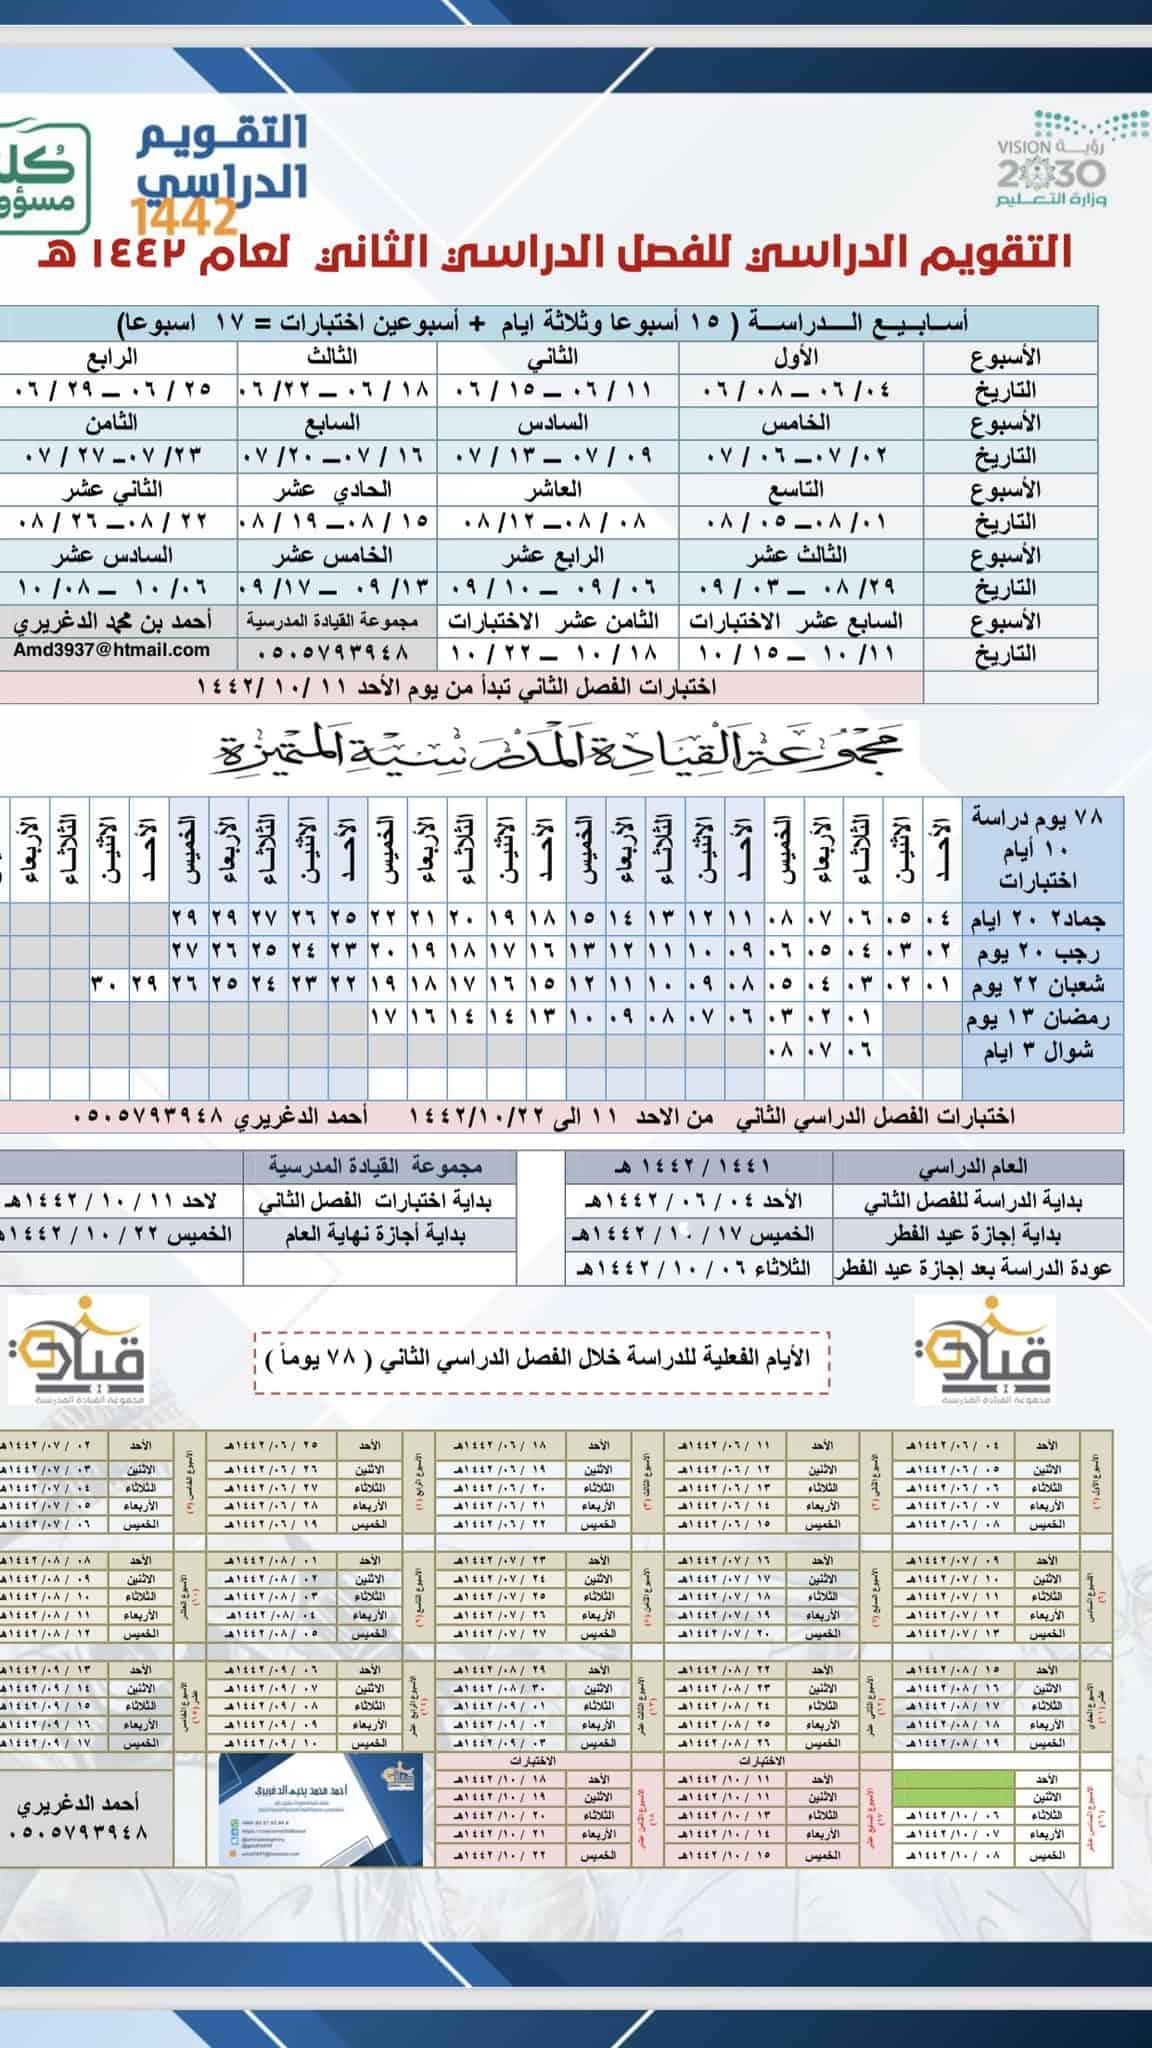 التقويم الفصل الدراسي الثاني 1442